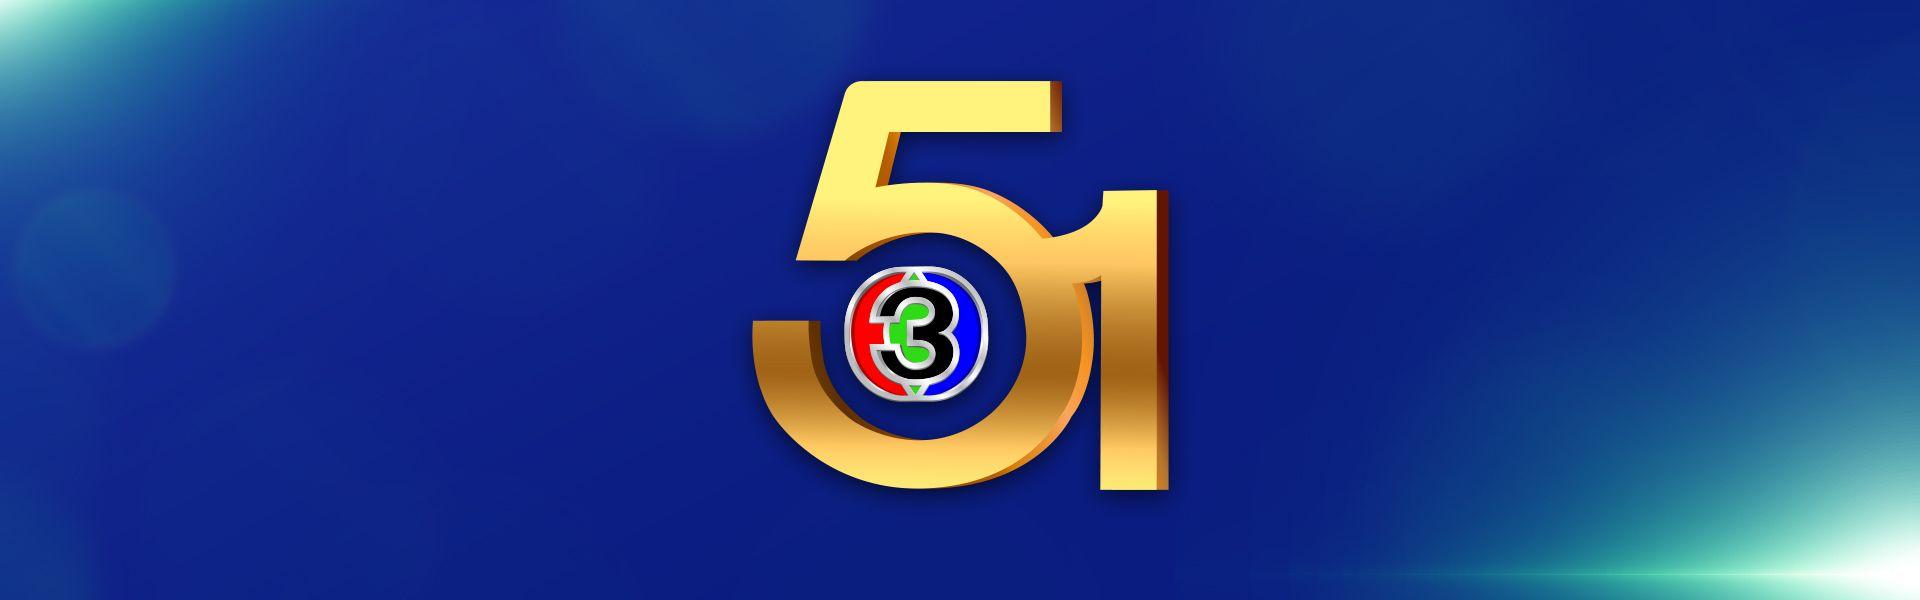 สถานีโทรทัศน์ไทยทีวีสีช่อง 3 งดจัดงานครบรอบ 51 ปี